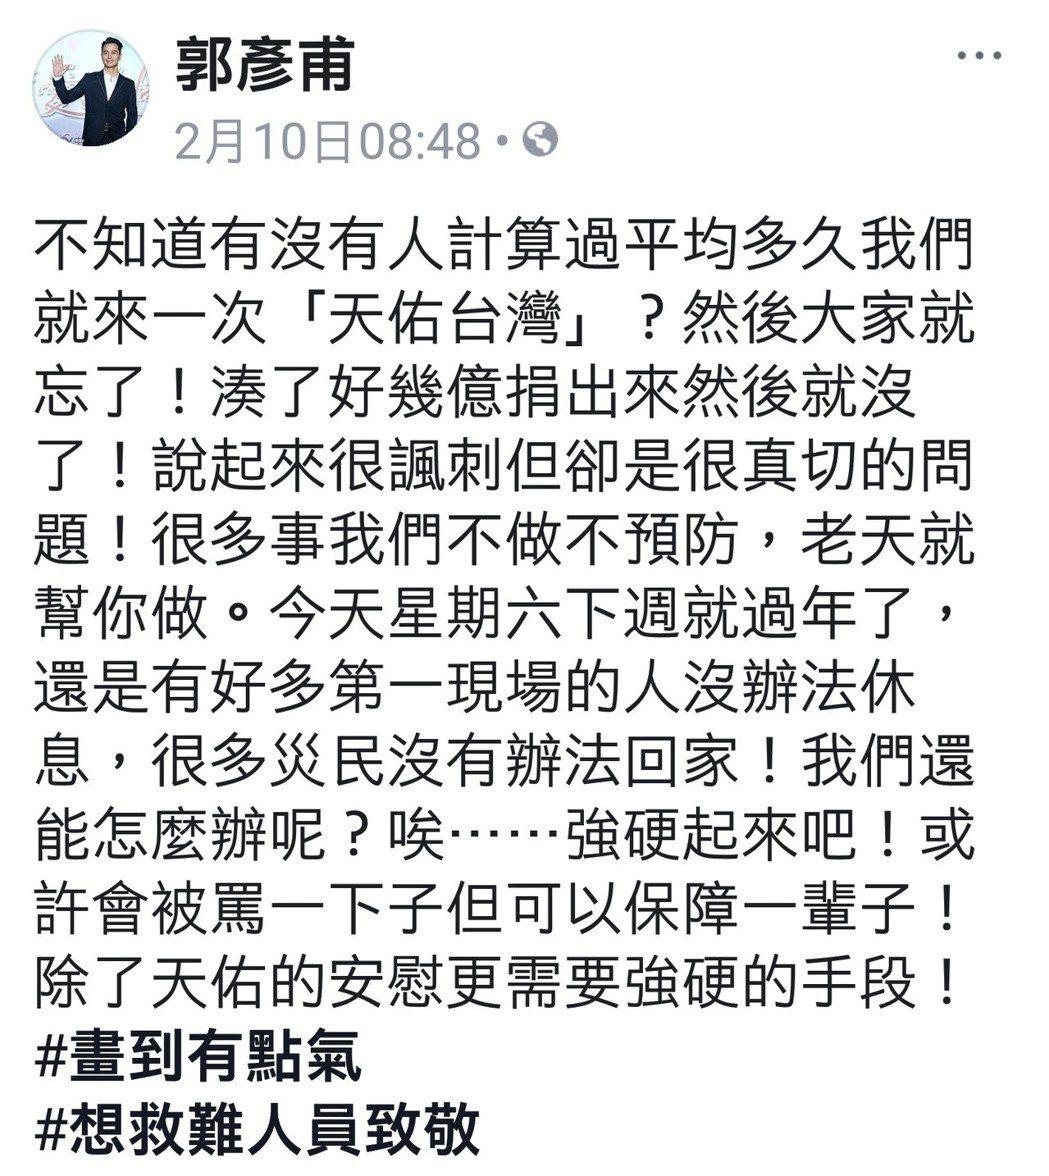 郭彥甫臉書全文。圖/擷自郭彥甫臉書